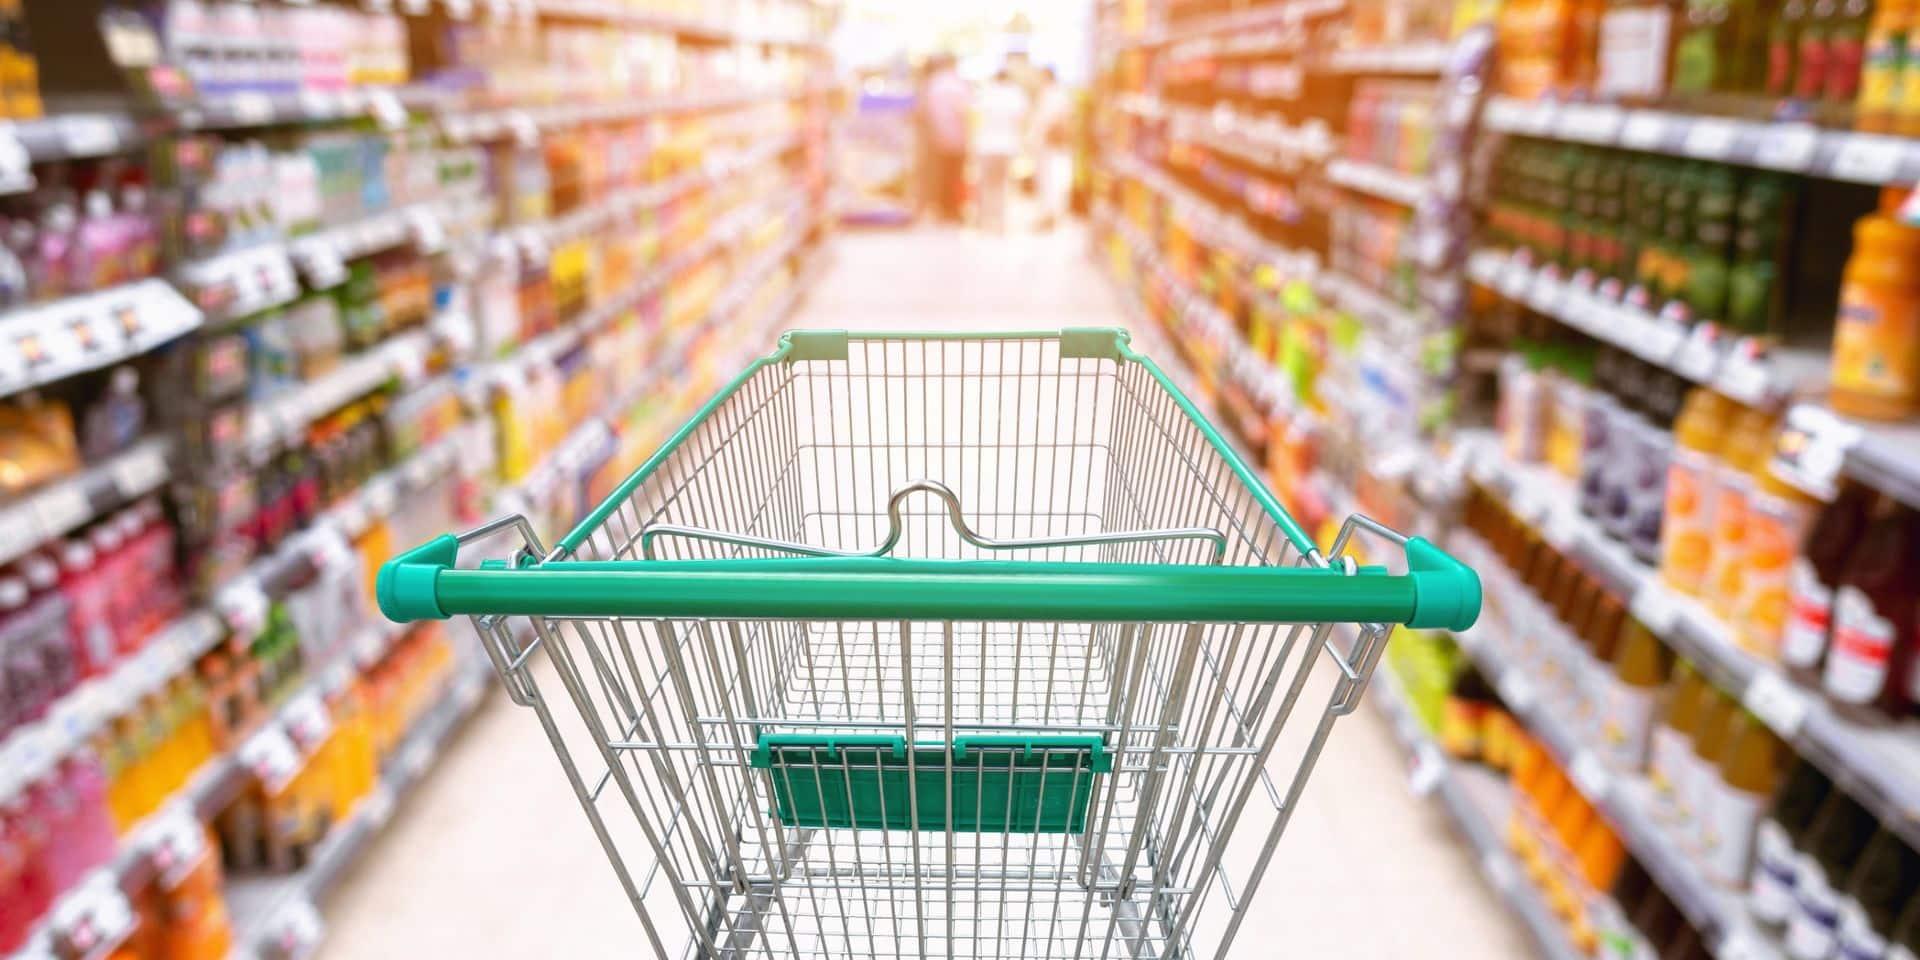 Les consommateurs se préparent-ils à un nouveau confinement ?